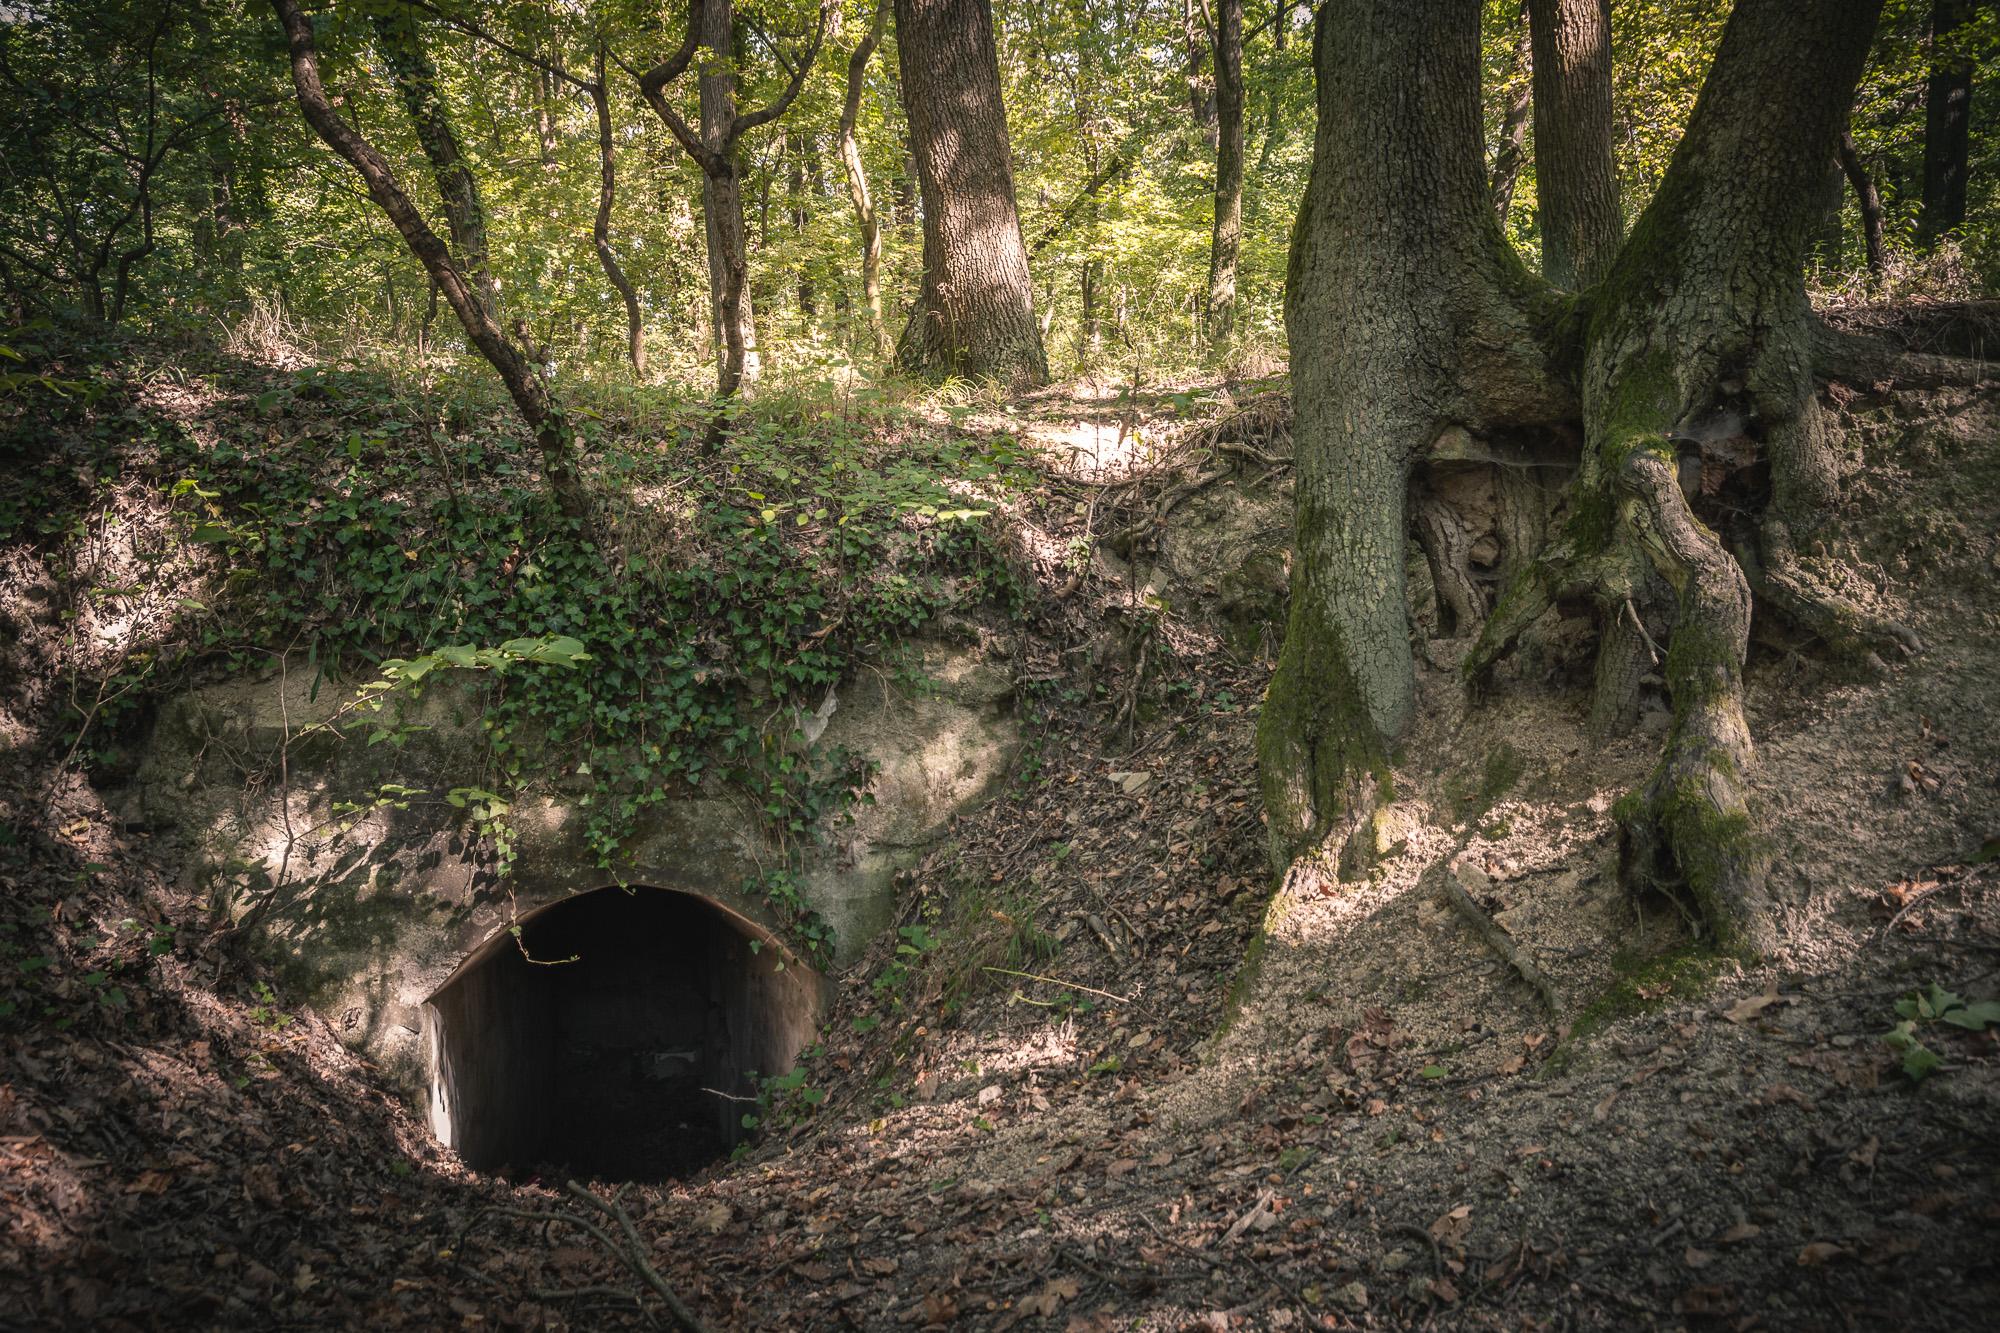 Staré kaverny, z obdobia I. svetovej vojny, dnes romanticky dopĺňajú scenérie v prítmí okolitého lesa